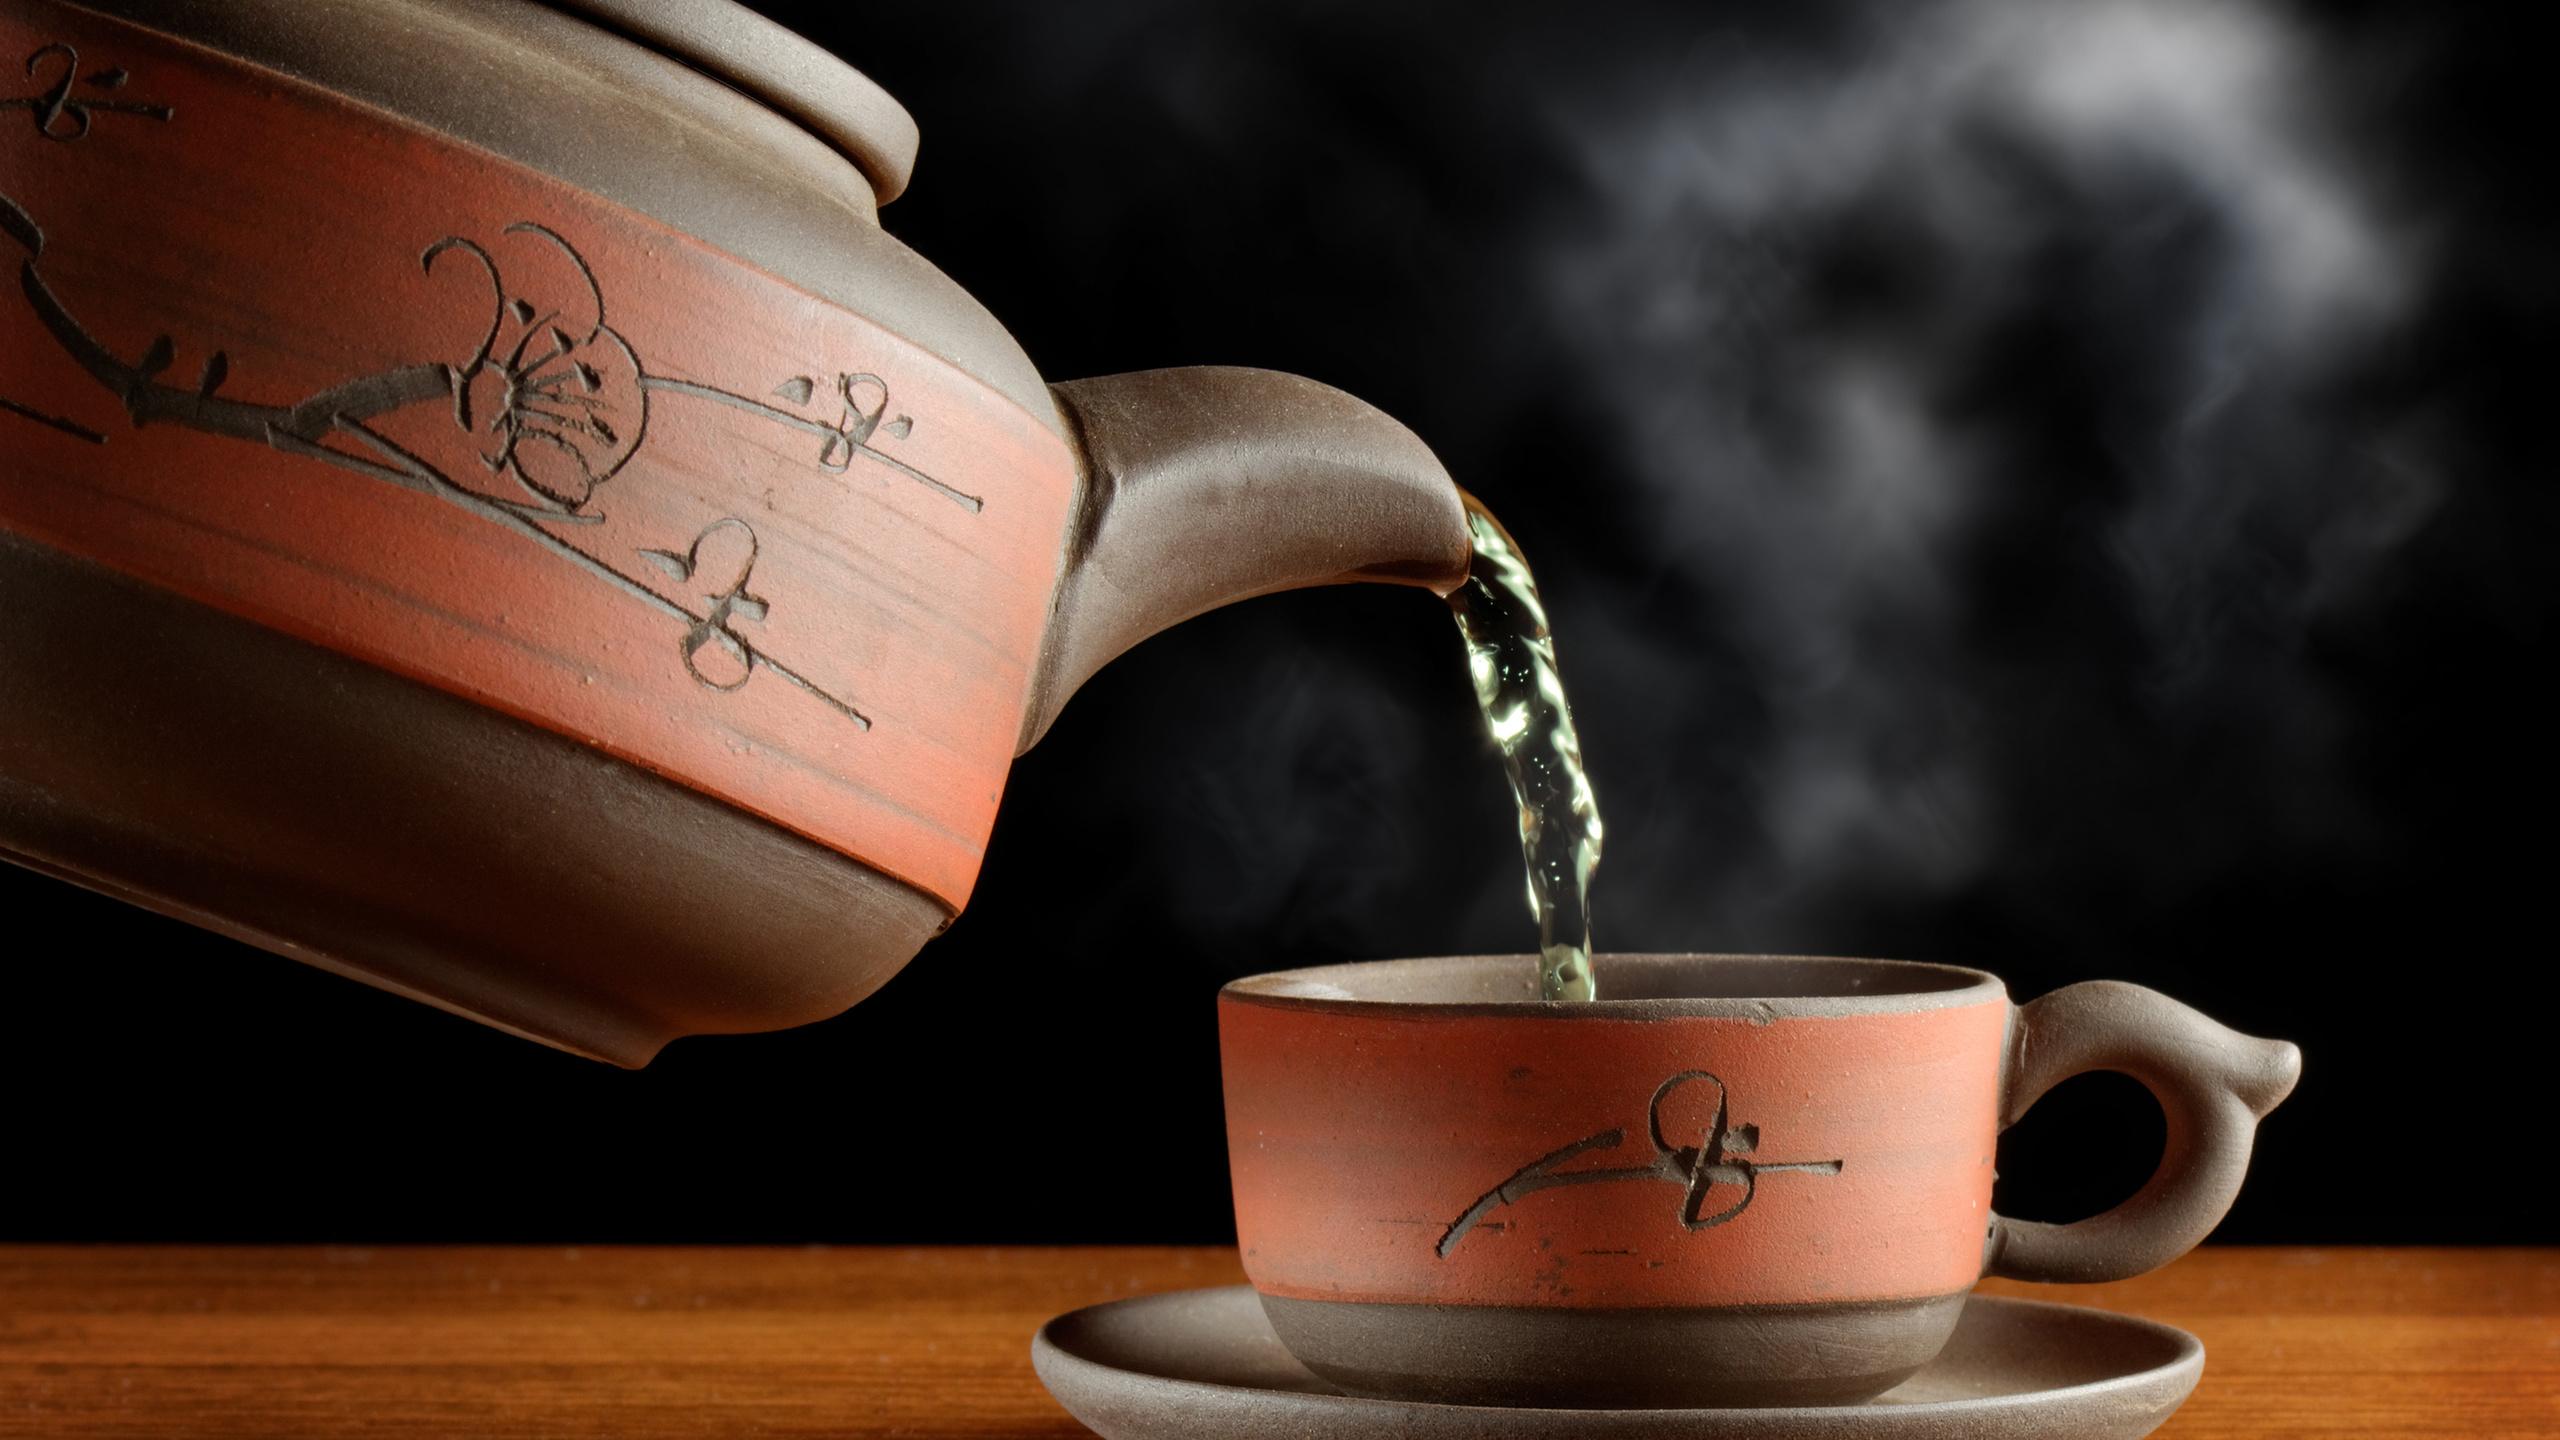 чай, зеленый, пар, чашка, чайник, посуда, стол, черный фон